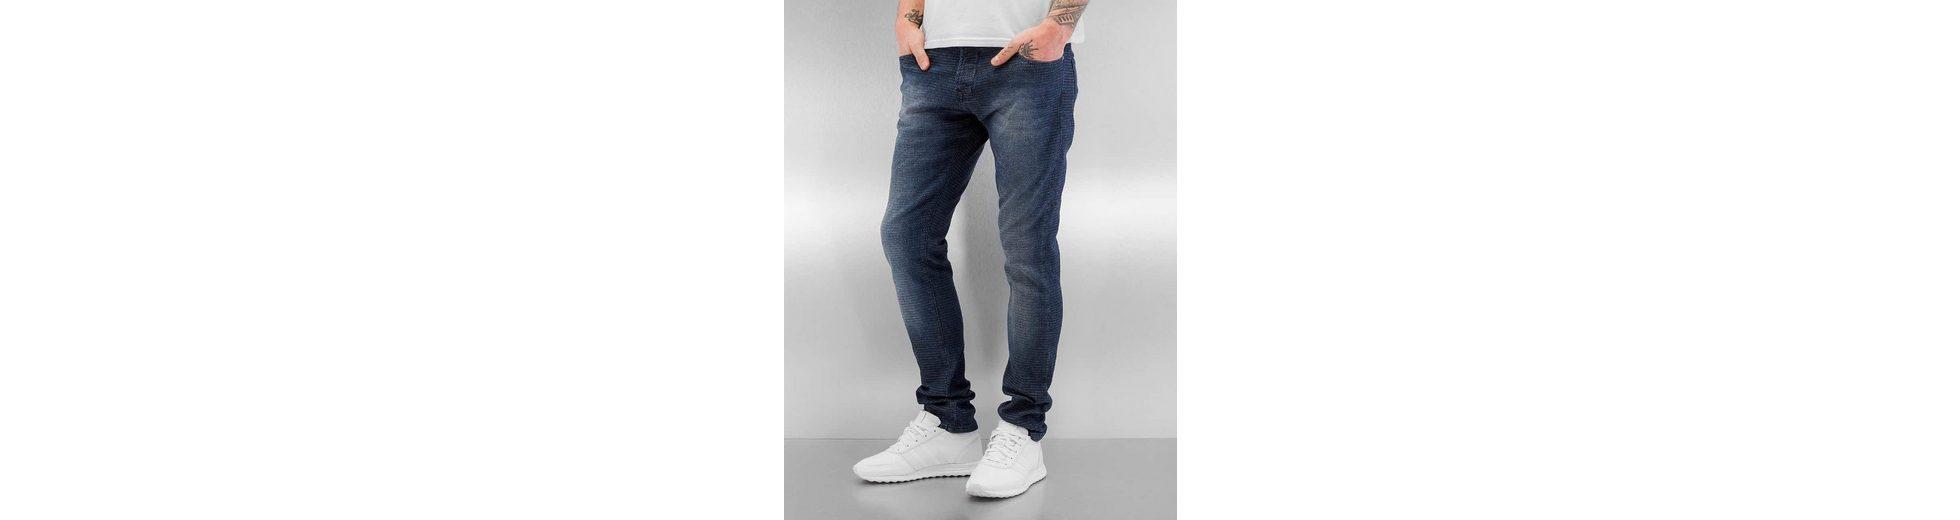 Gut Verkaufen Online 2Y Premium Skinny-fit-Jeans Pattern Freies Verschiffen Online-Shopping MzPpq